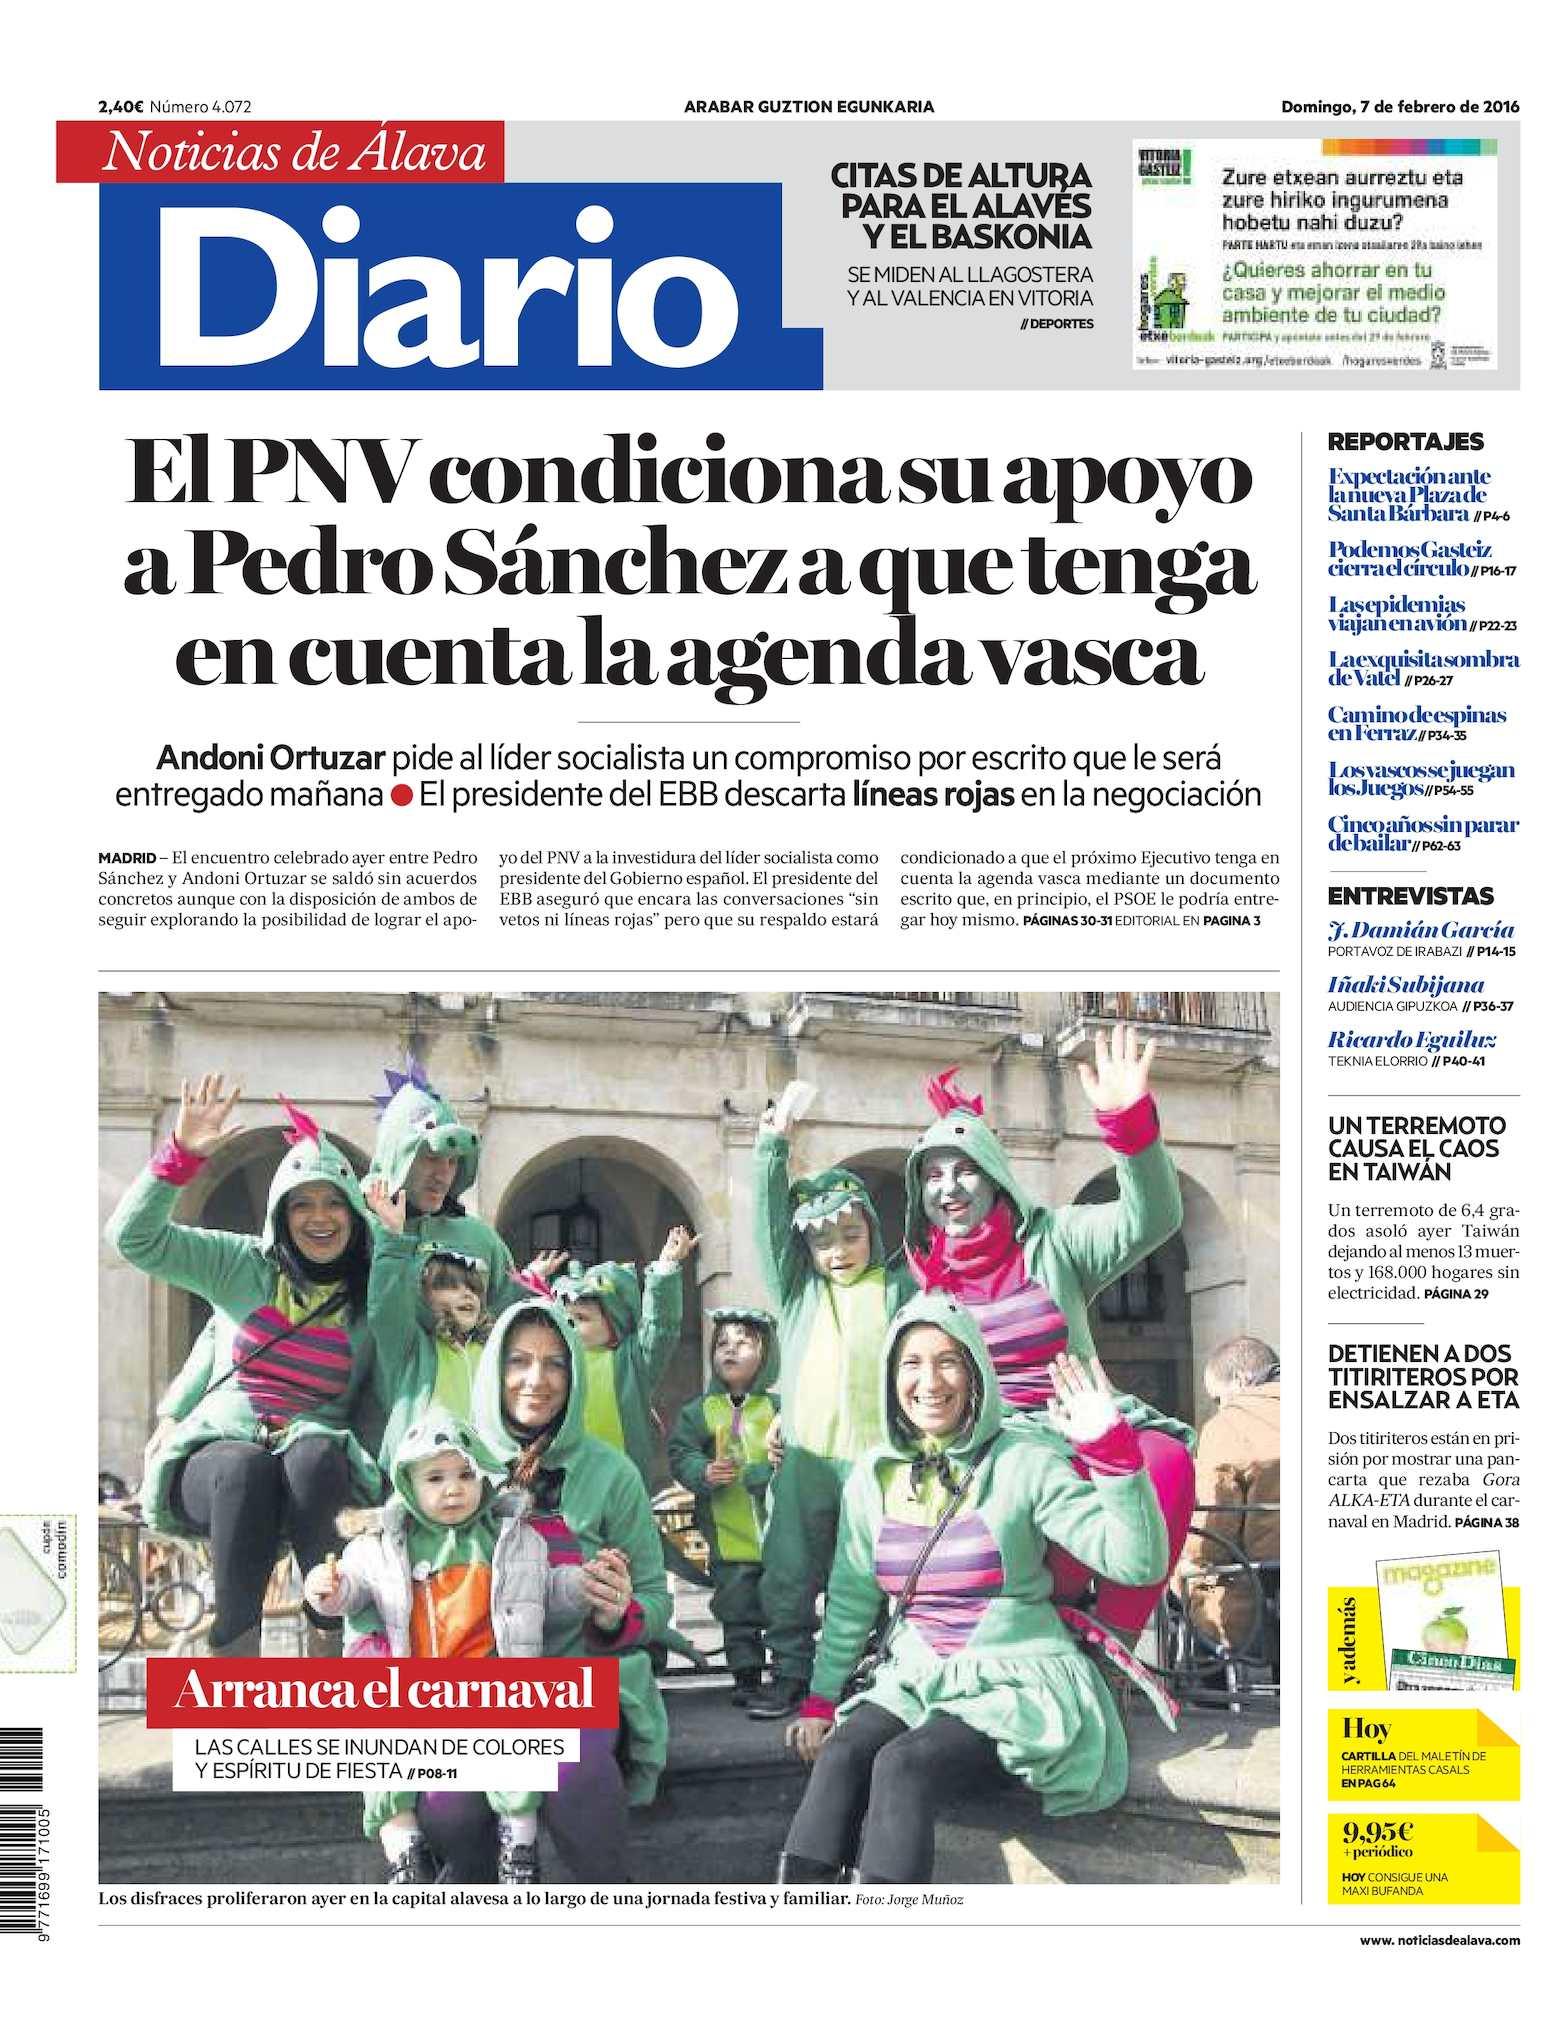 sale retailer 103e8 4625b Calaméo - Diario de Noticias de Álava 20160207